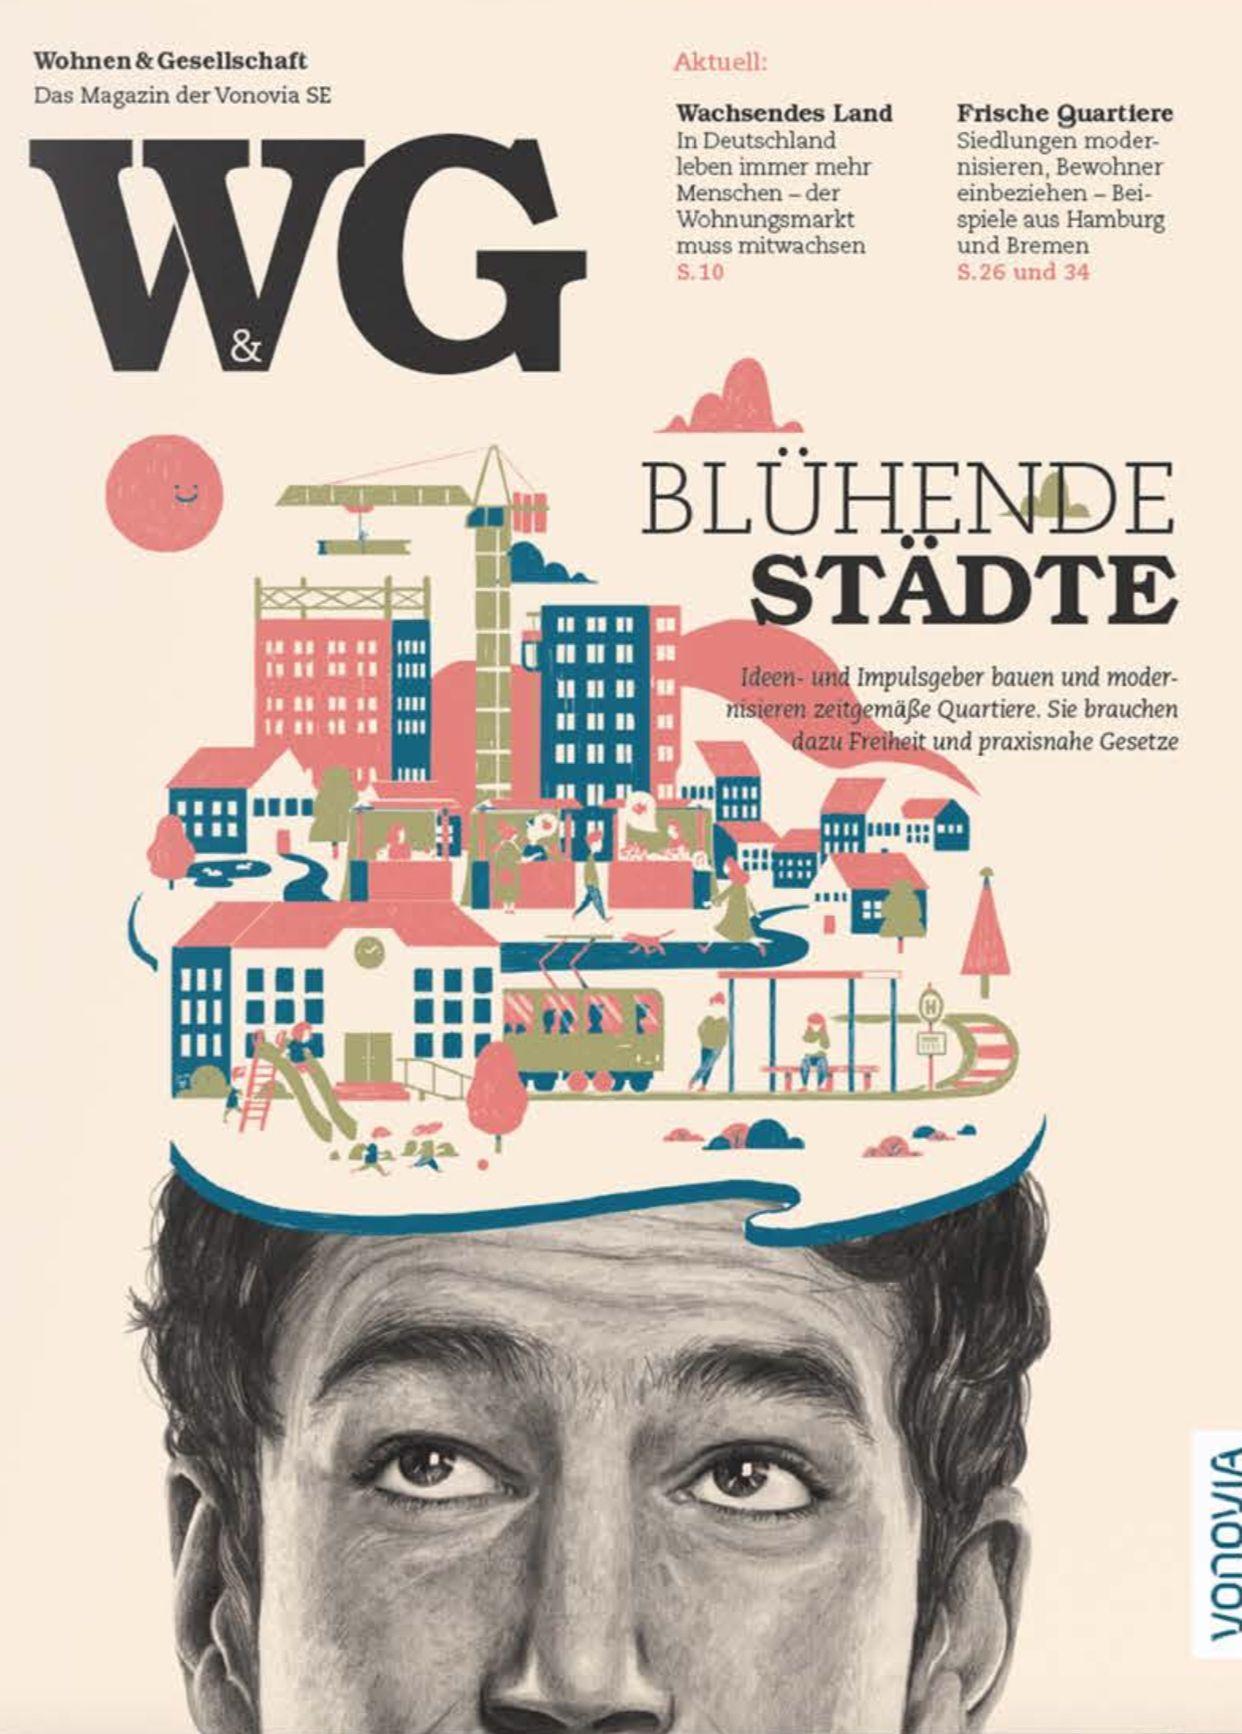 Pin von tobias auf magazin Leben in deutschland, Bremen